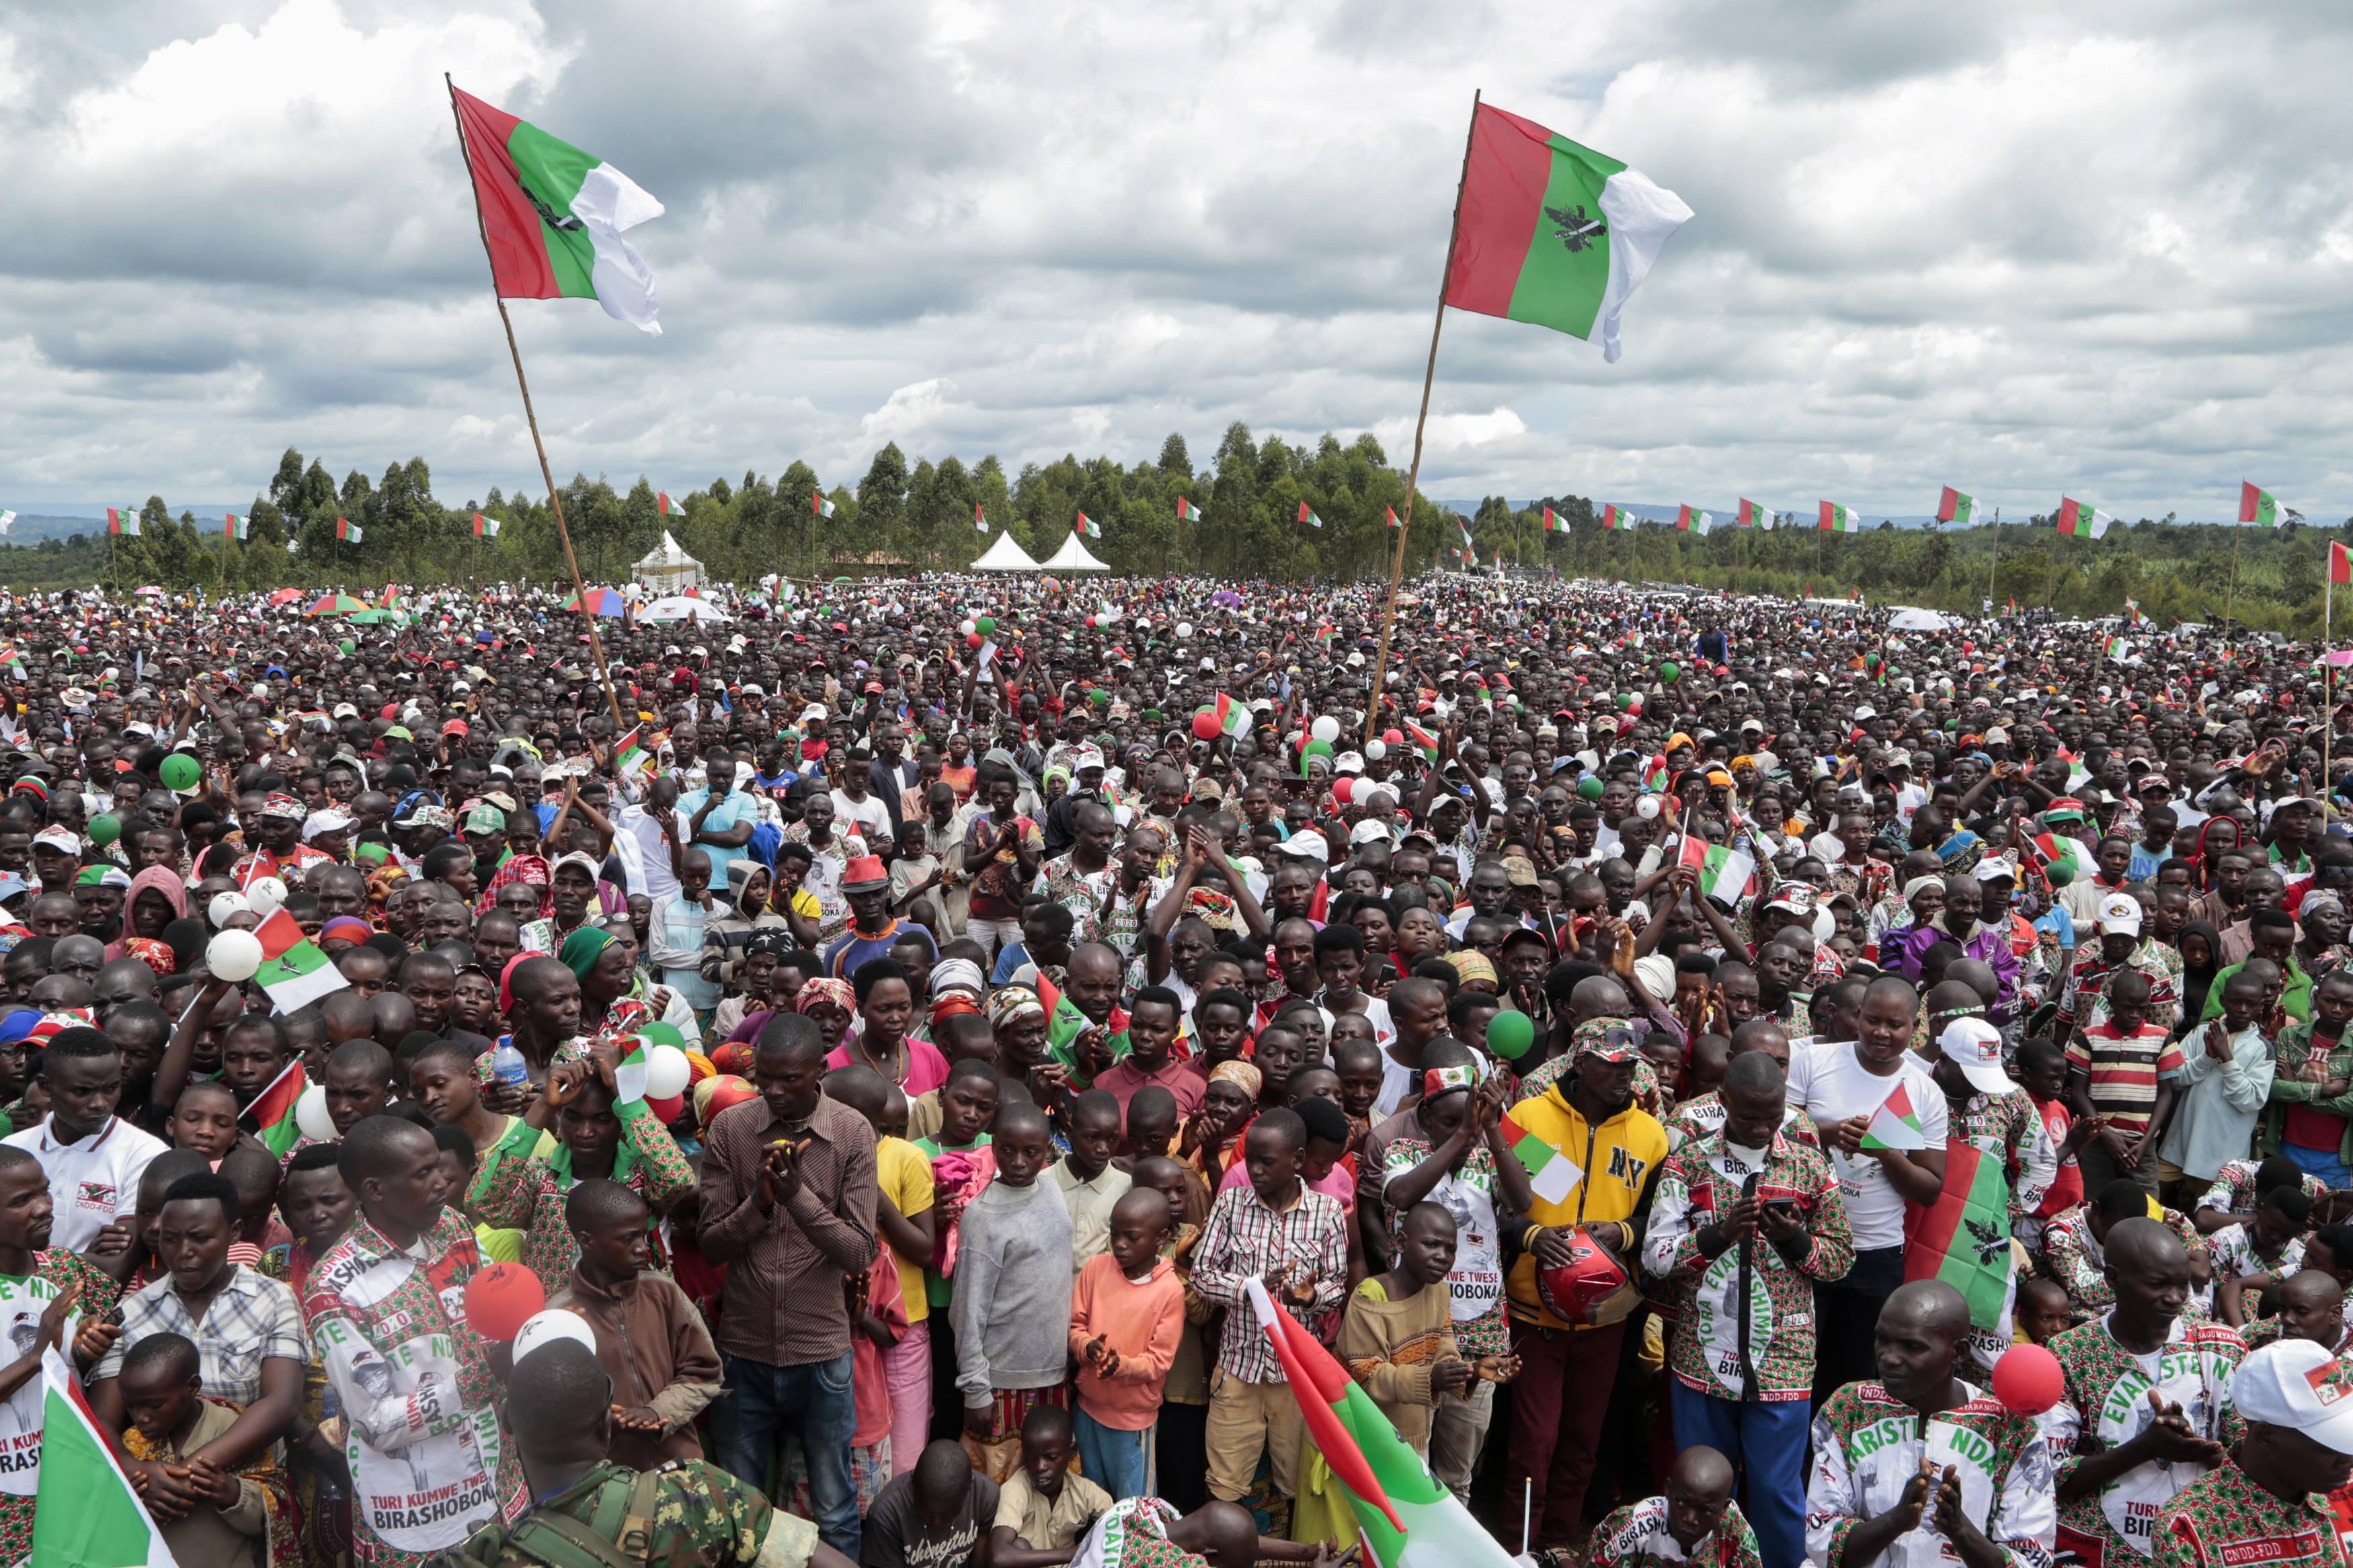 La foule lors d'un meeting du CNDD-FDD à Gitega, pendant la campagne pour la présidentielle au Burundi, le 27 avril 2020.